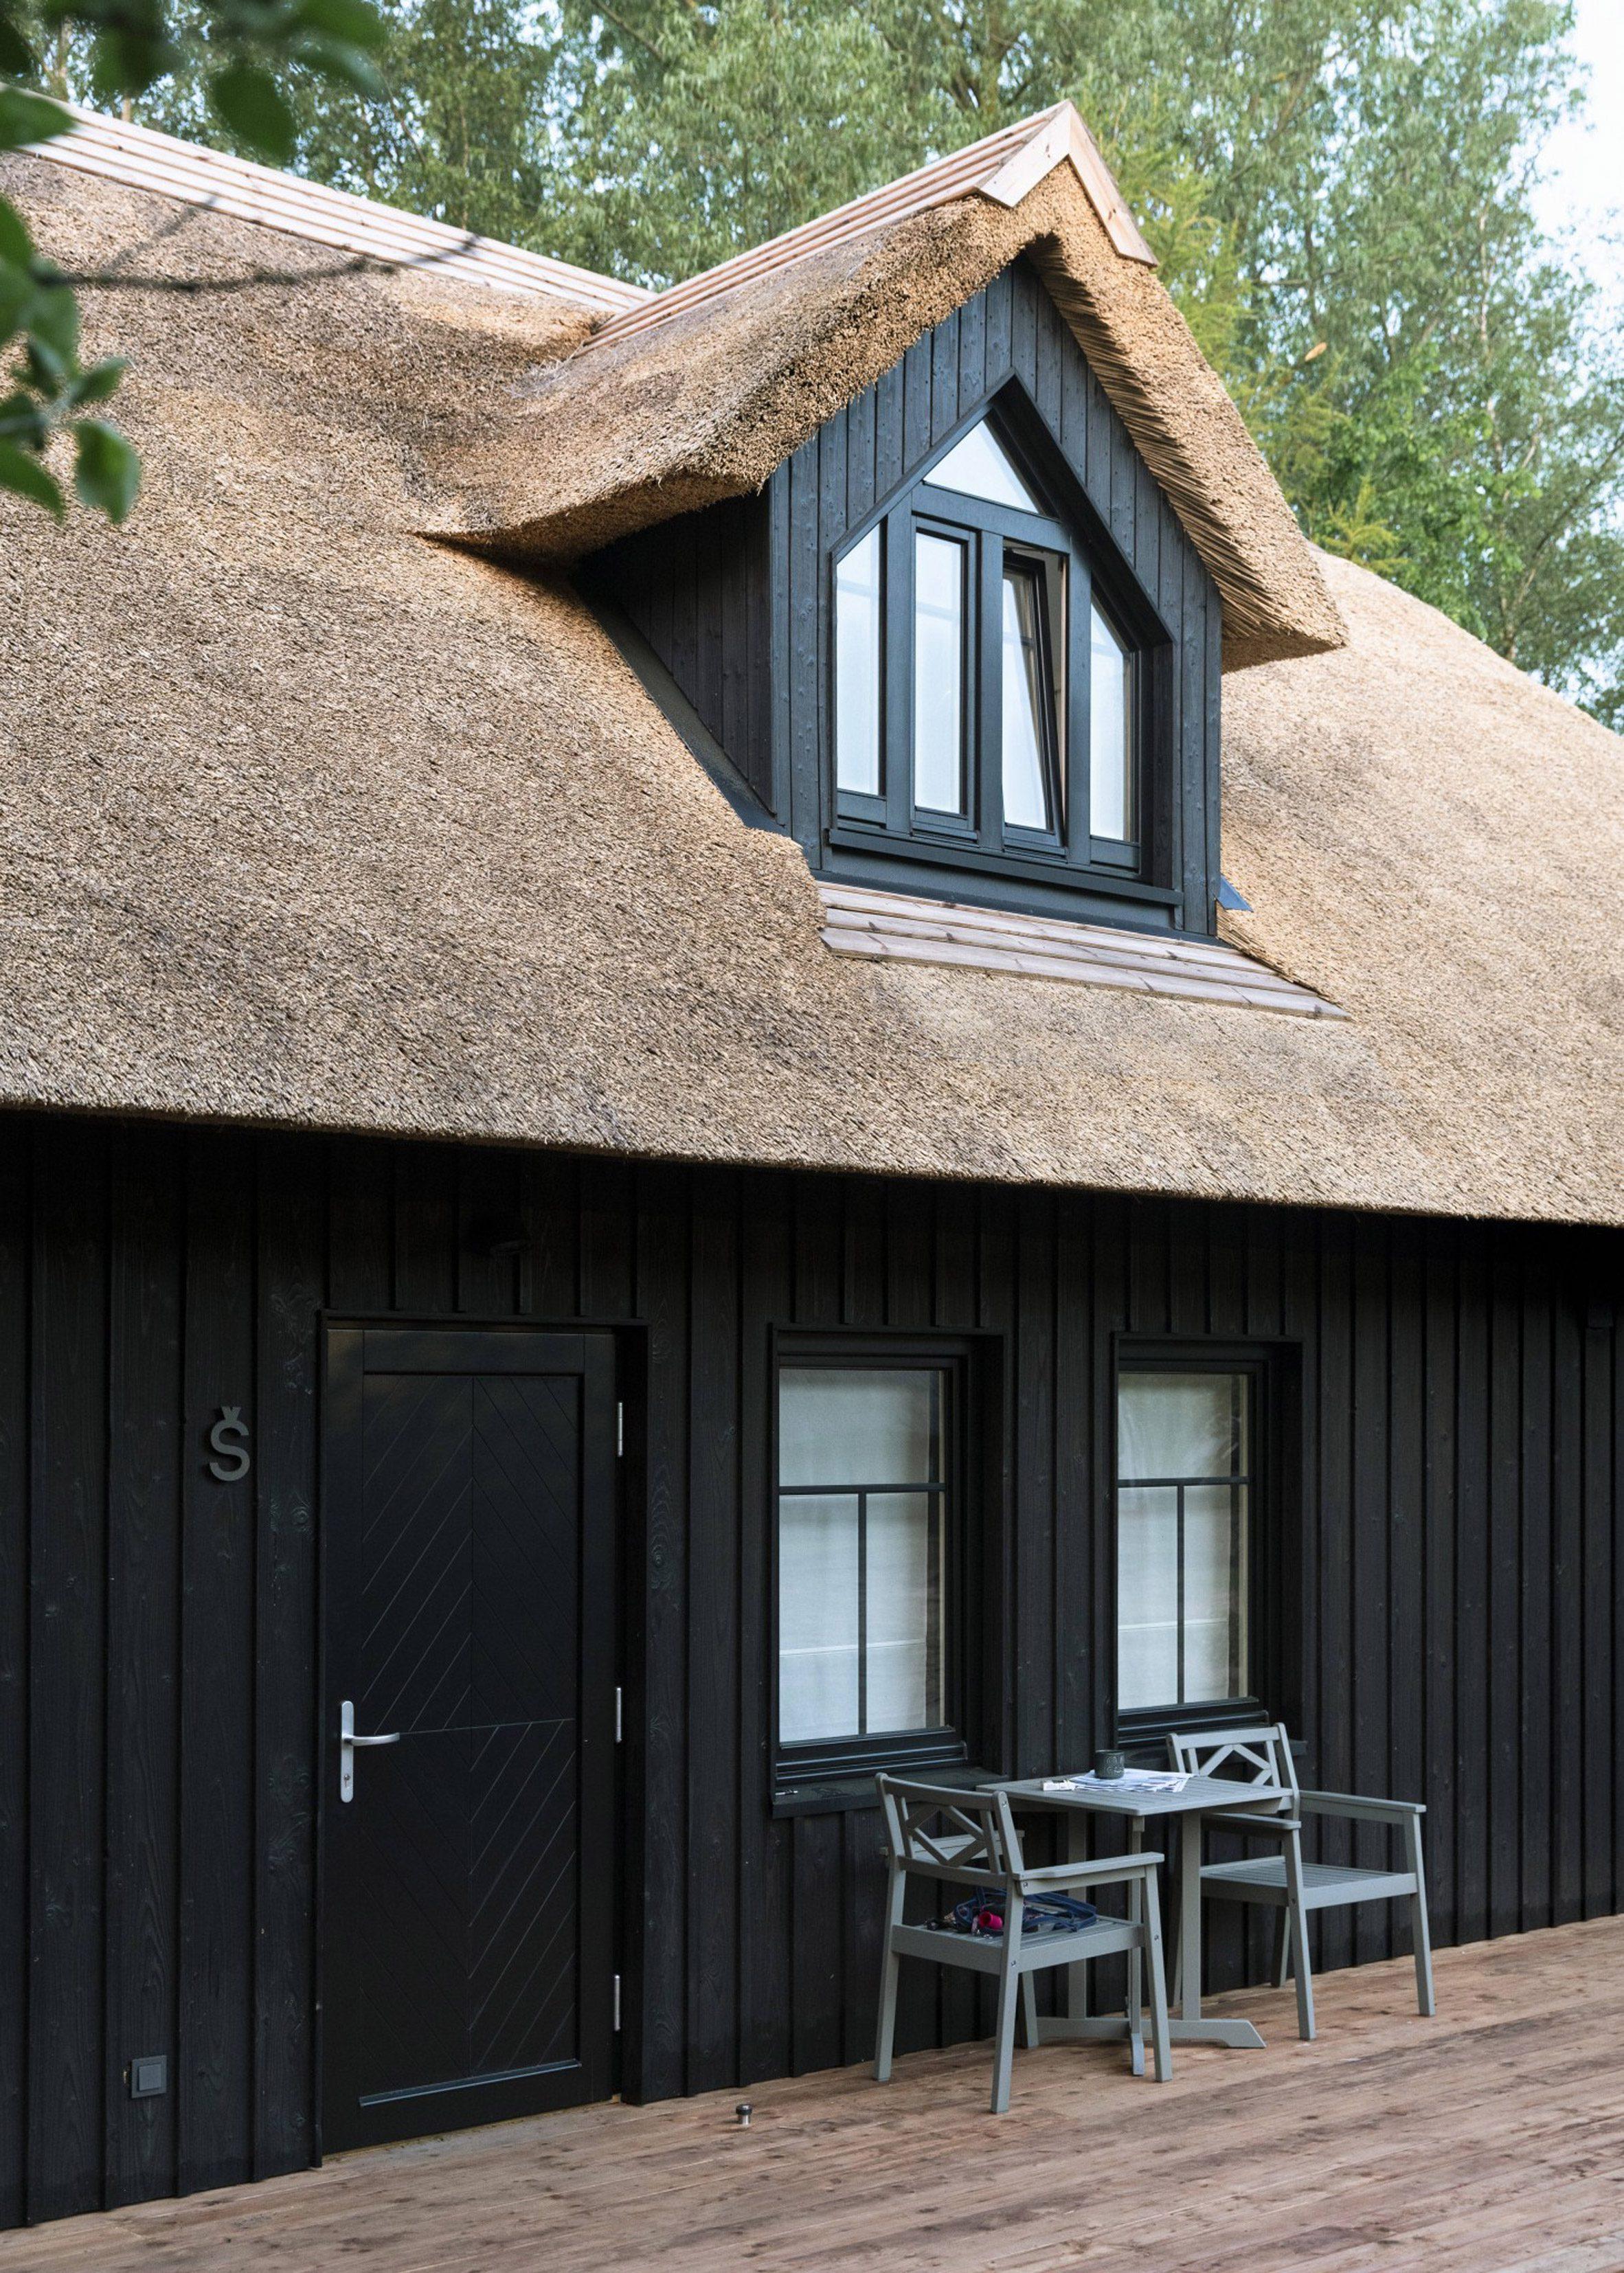 Снаружи здание облицовано обугленным деревом и имеет соломенную крышу.